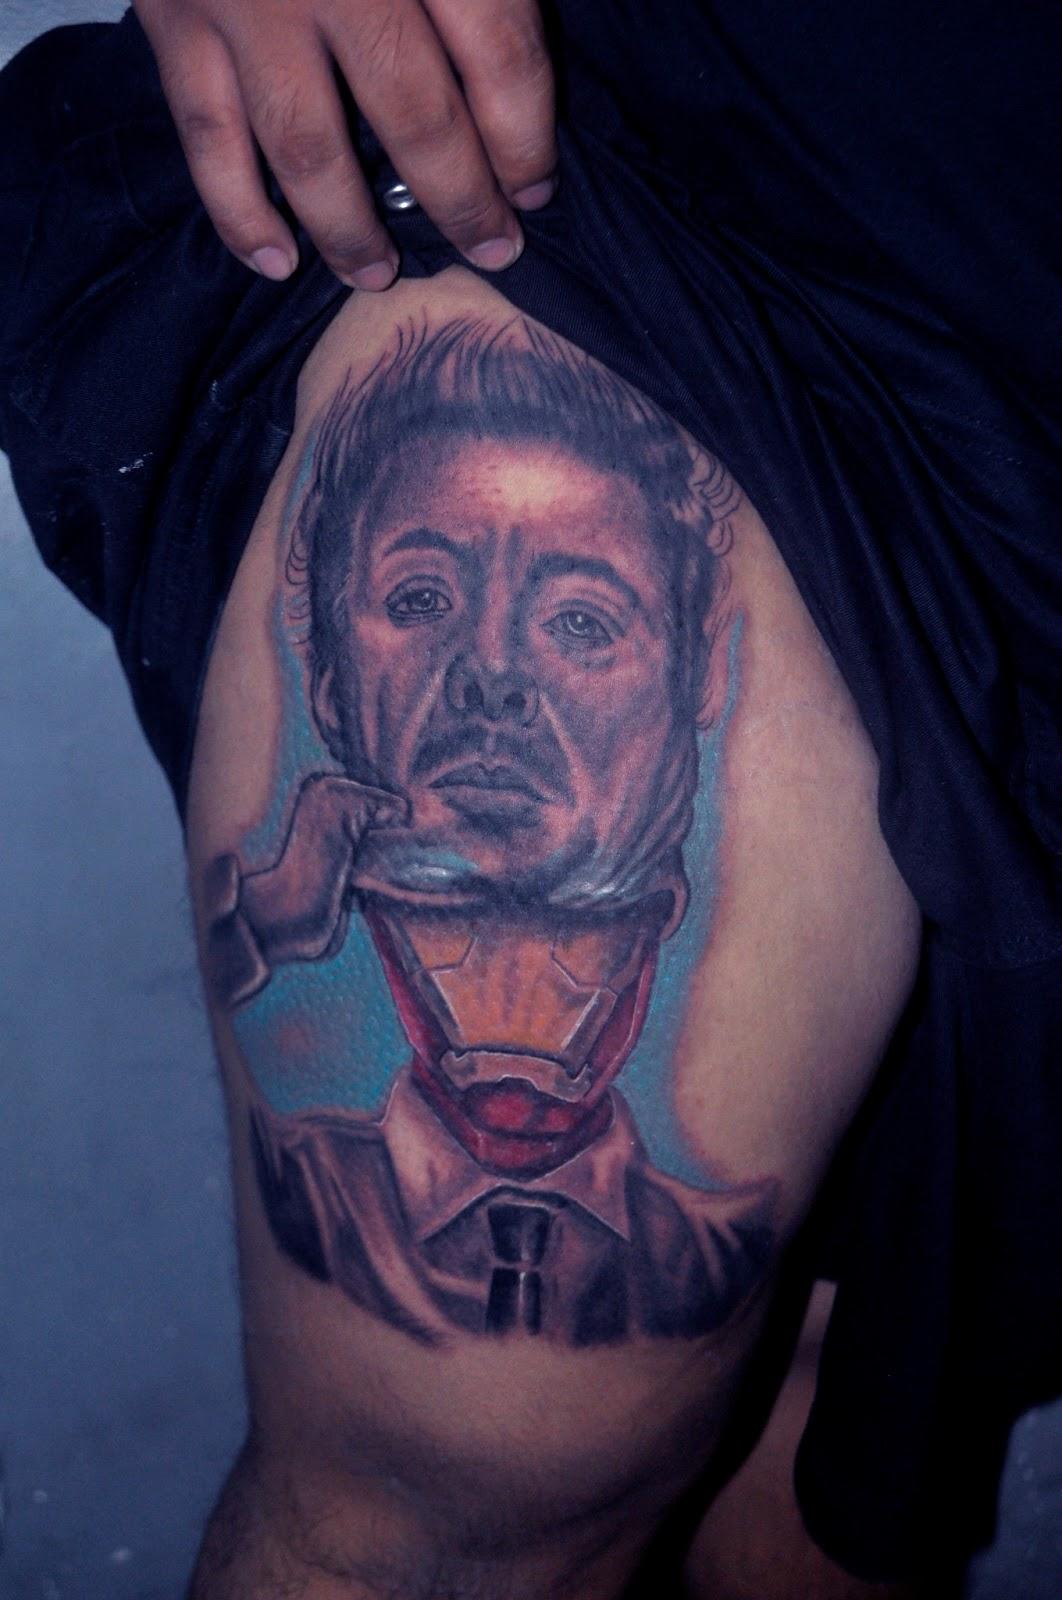 Tony stark arc reactor tattoo